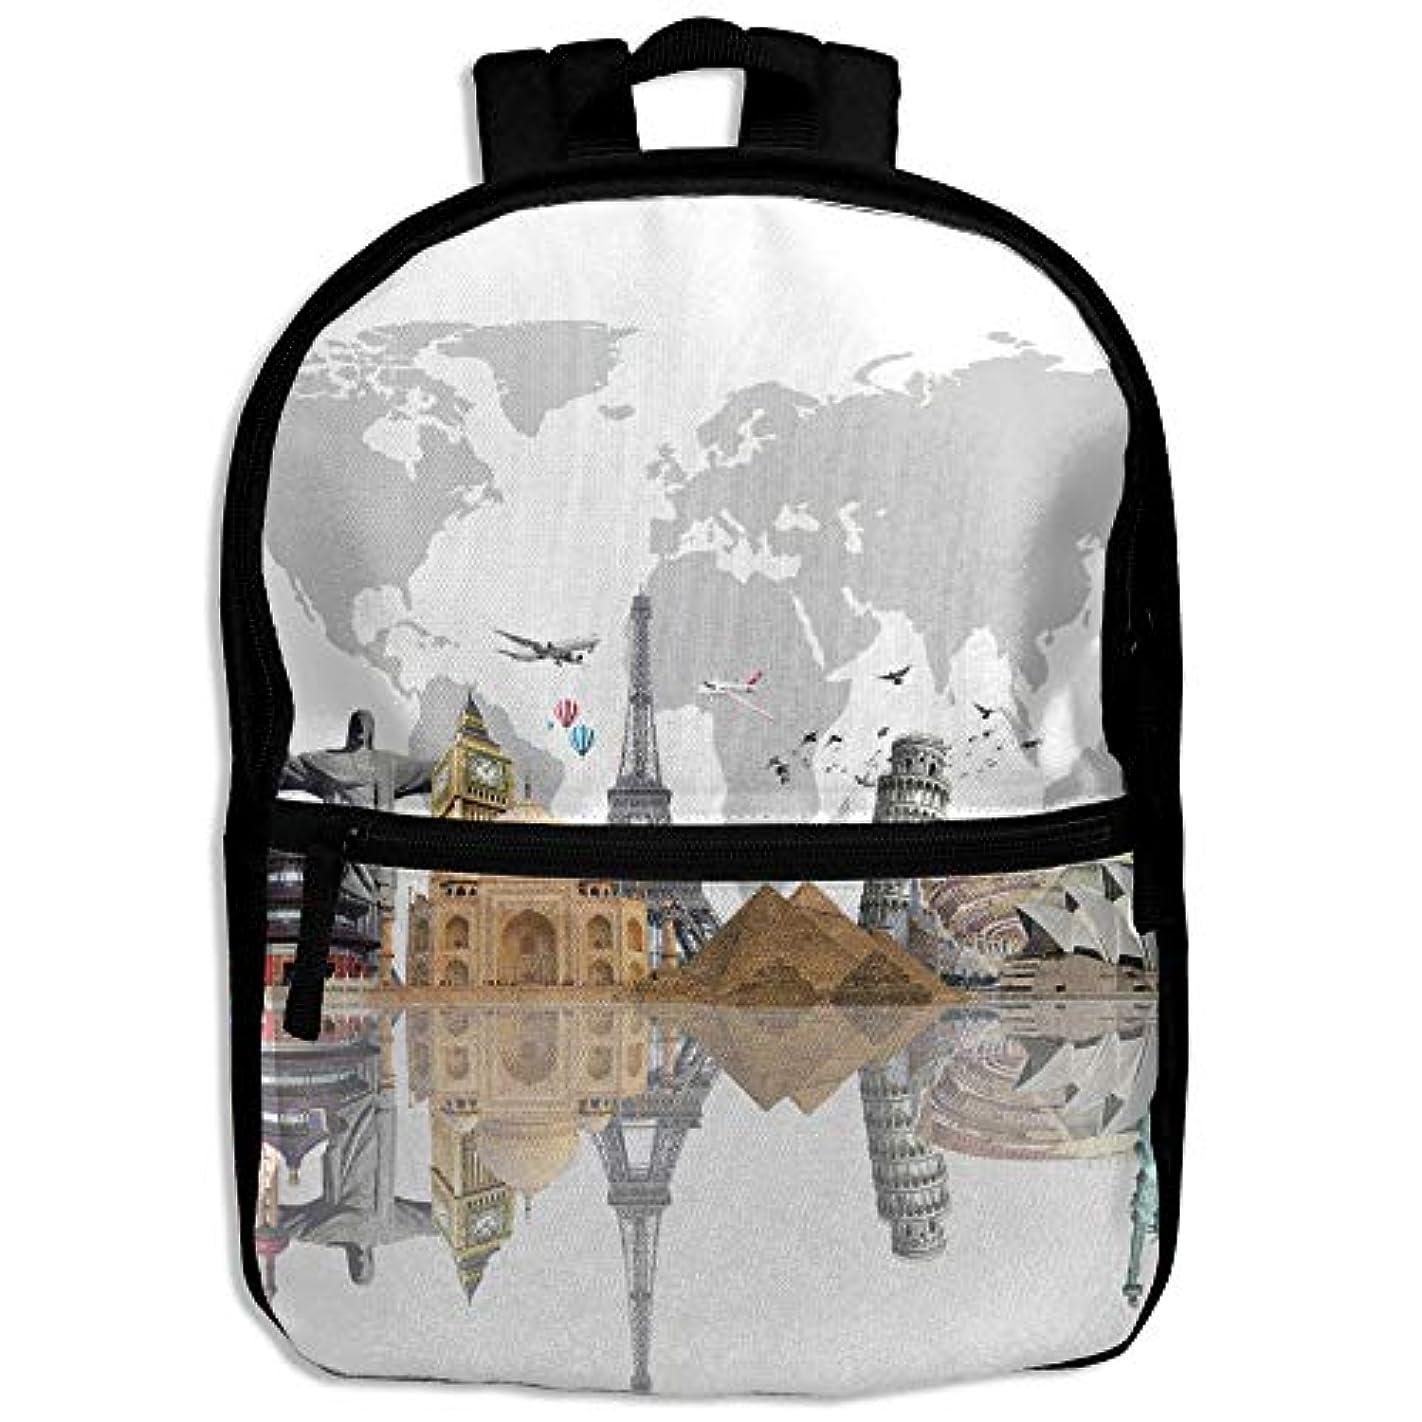 免除するおとこファイターキッズバッグ キッズ リュックサック バックパック 子供用のバッグ 学生 リュックサック 世界地図 アウトドア 通学 ハイキング 遠足